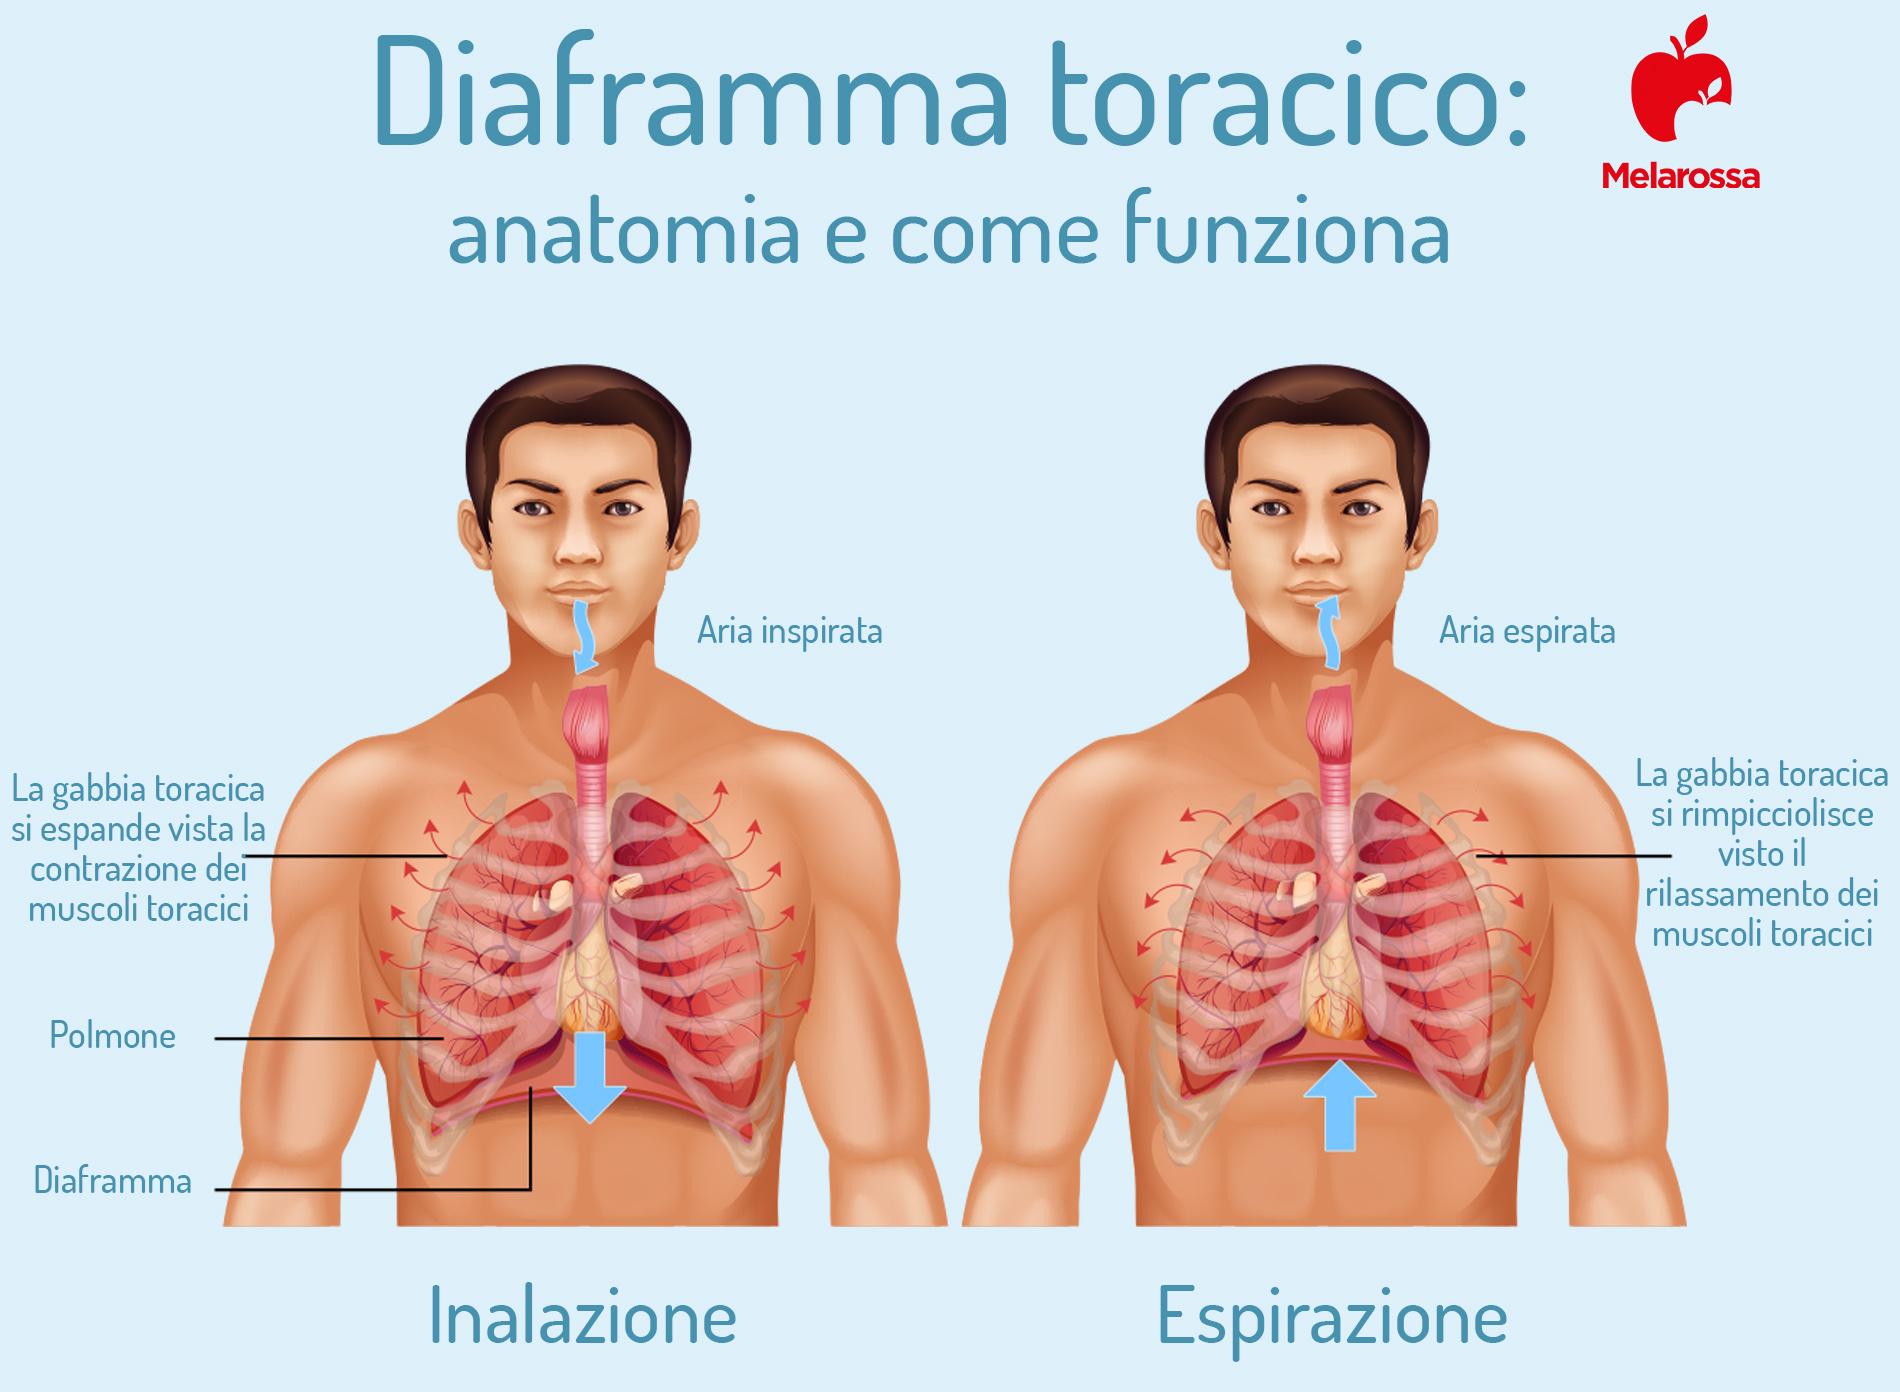 diaframma toracico anatomia e come funziona